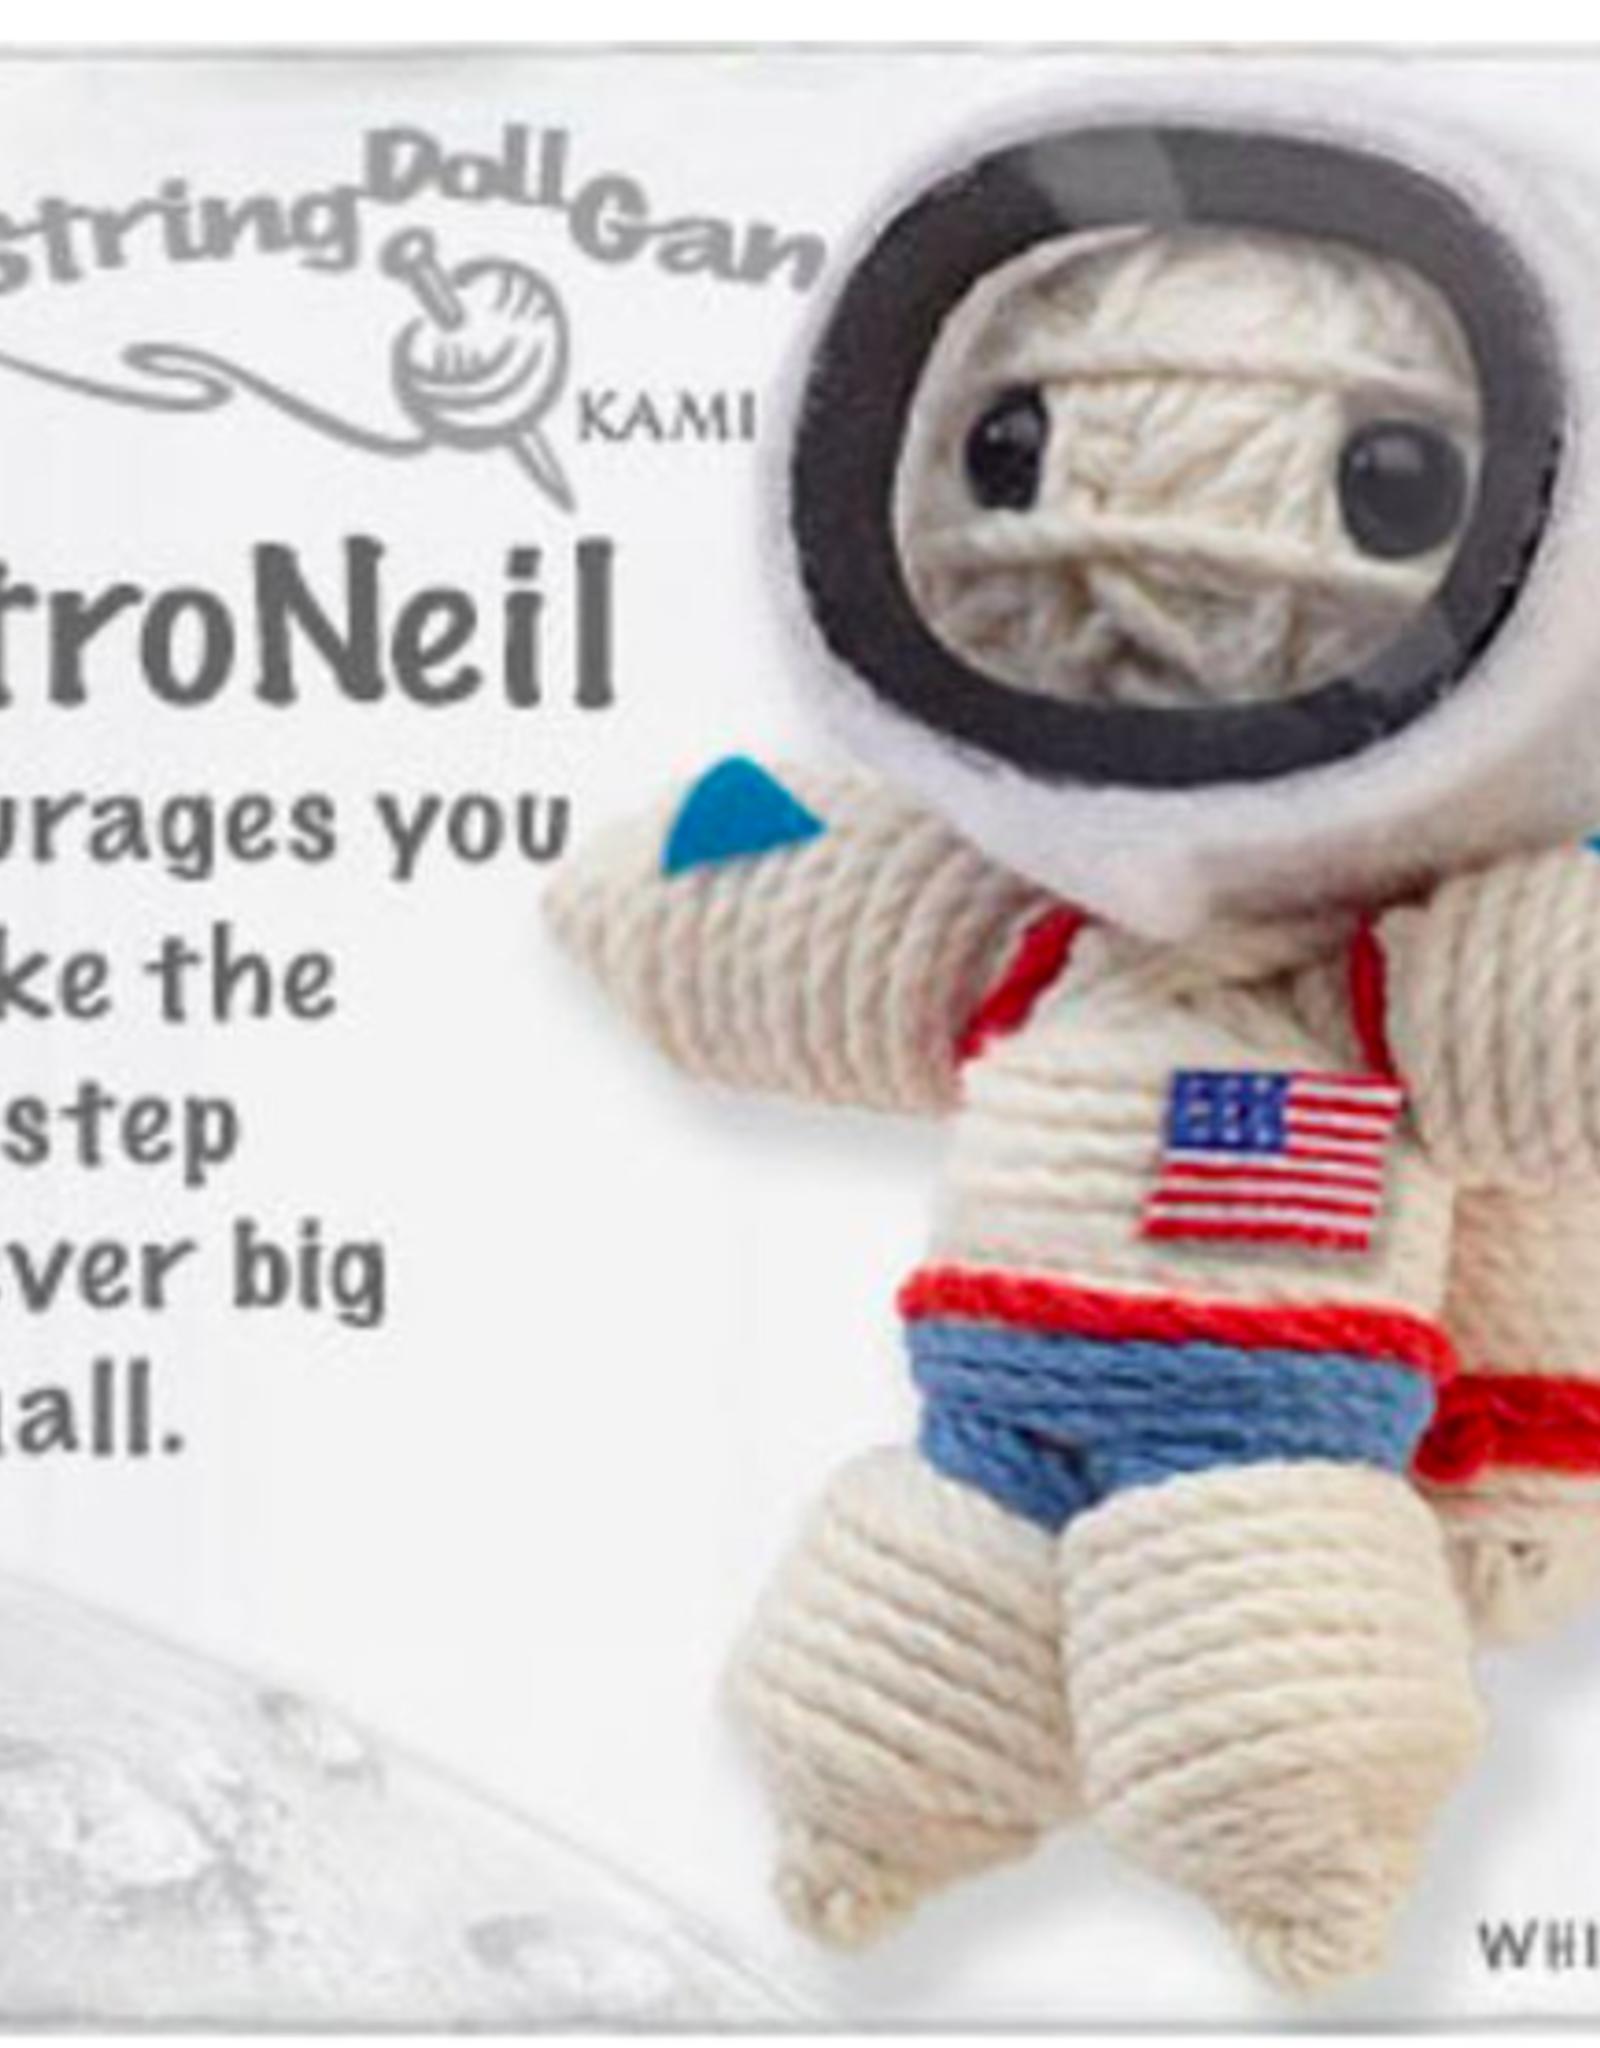 Stringdoll AstroNeil